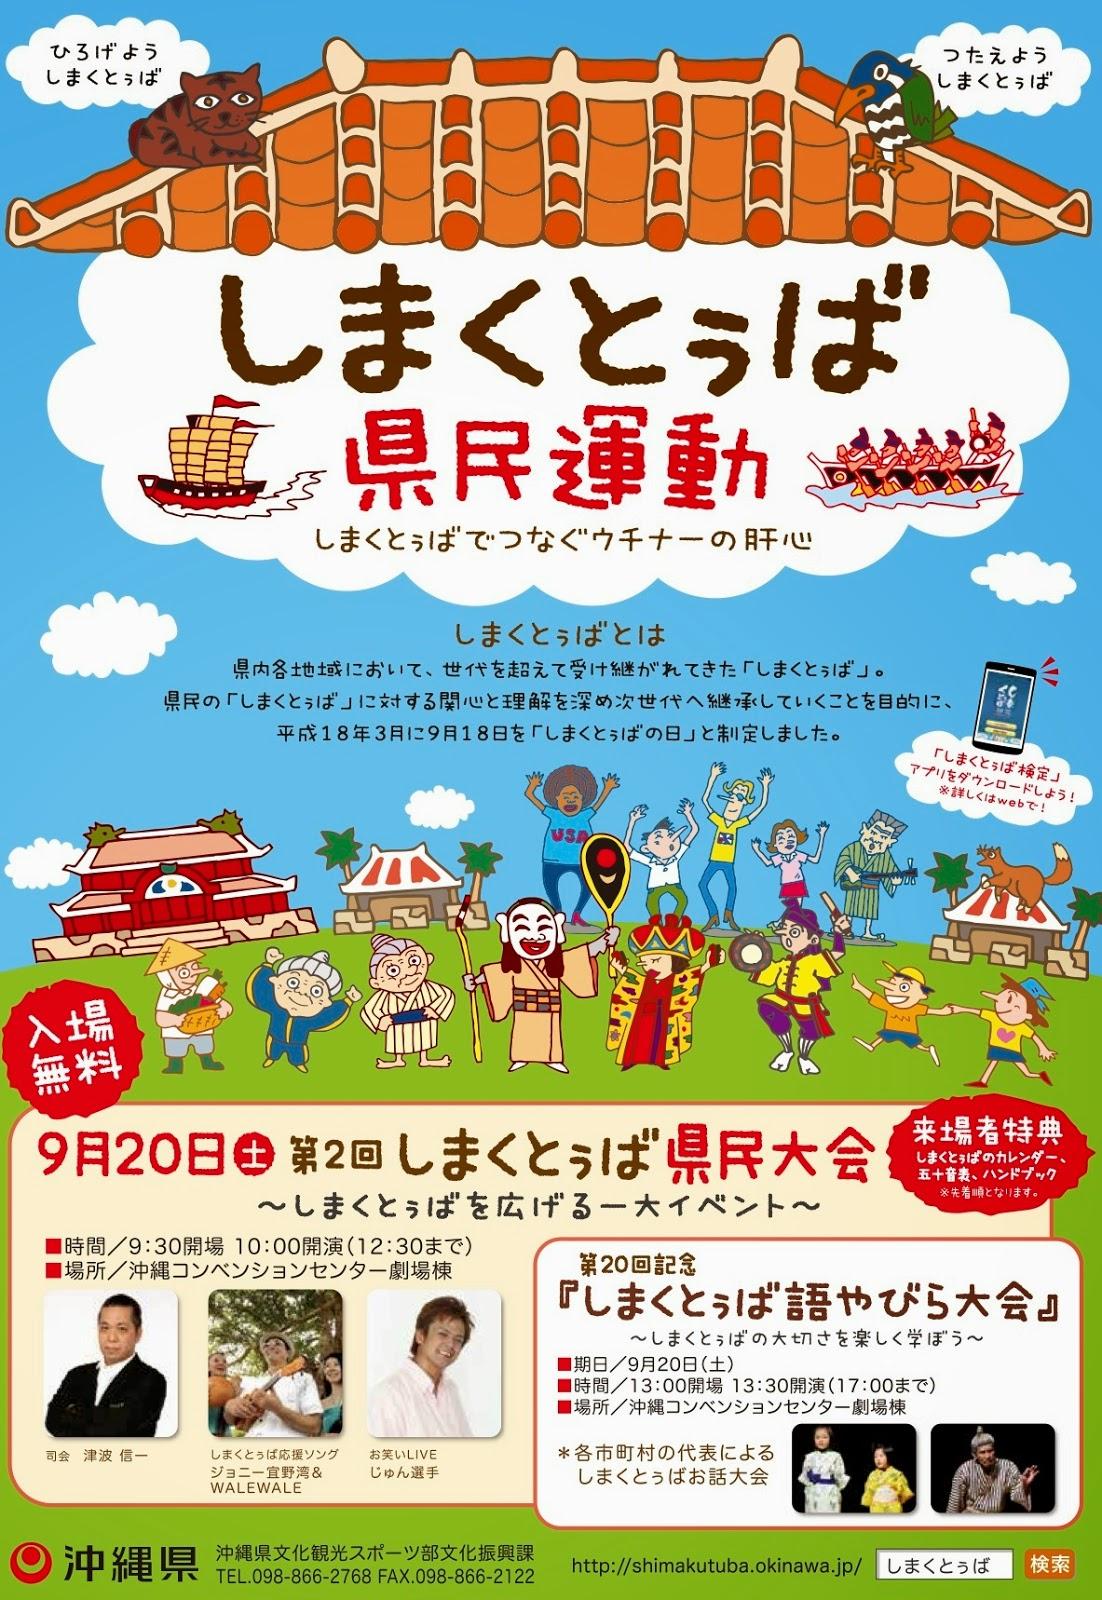 さらばんじ!沖縄語!: 2014/9/2...